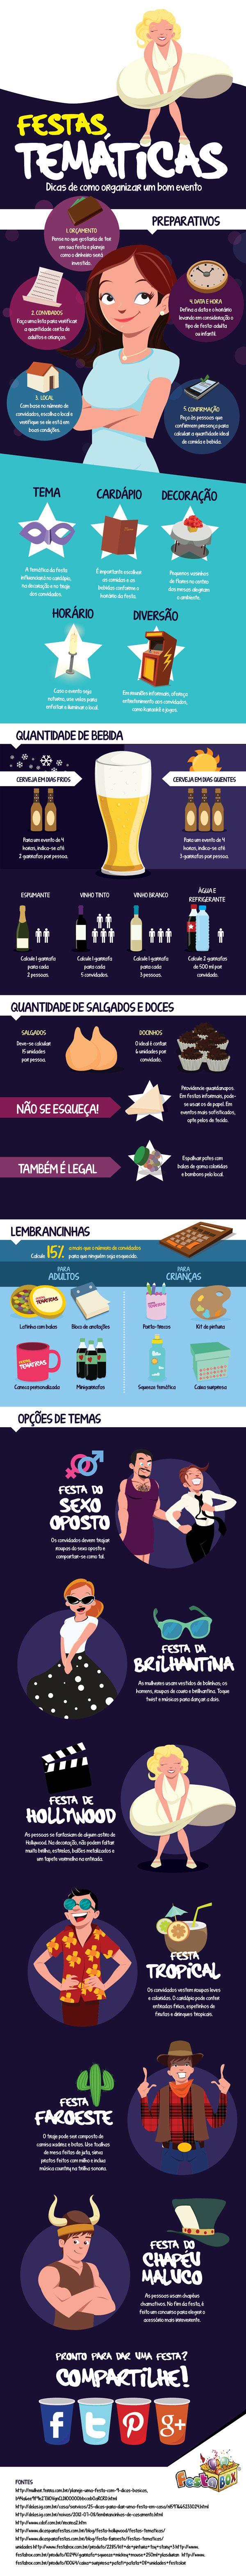 Infográfico Festas temáticas: Dicas de como organizar um bom evento | http://www.blogdocasamento.com.br